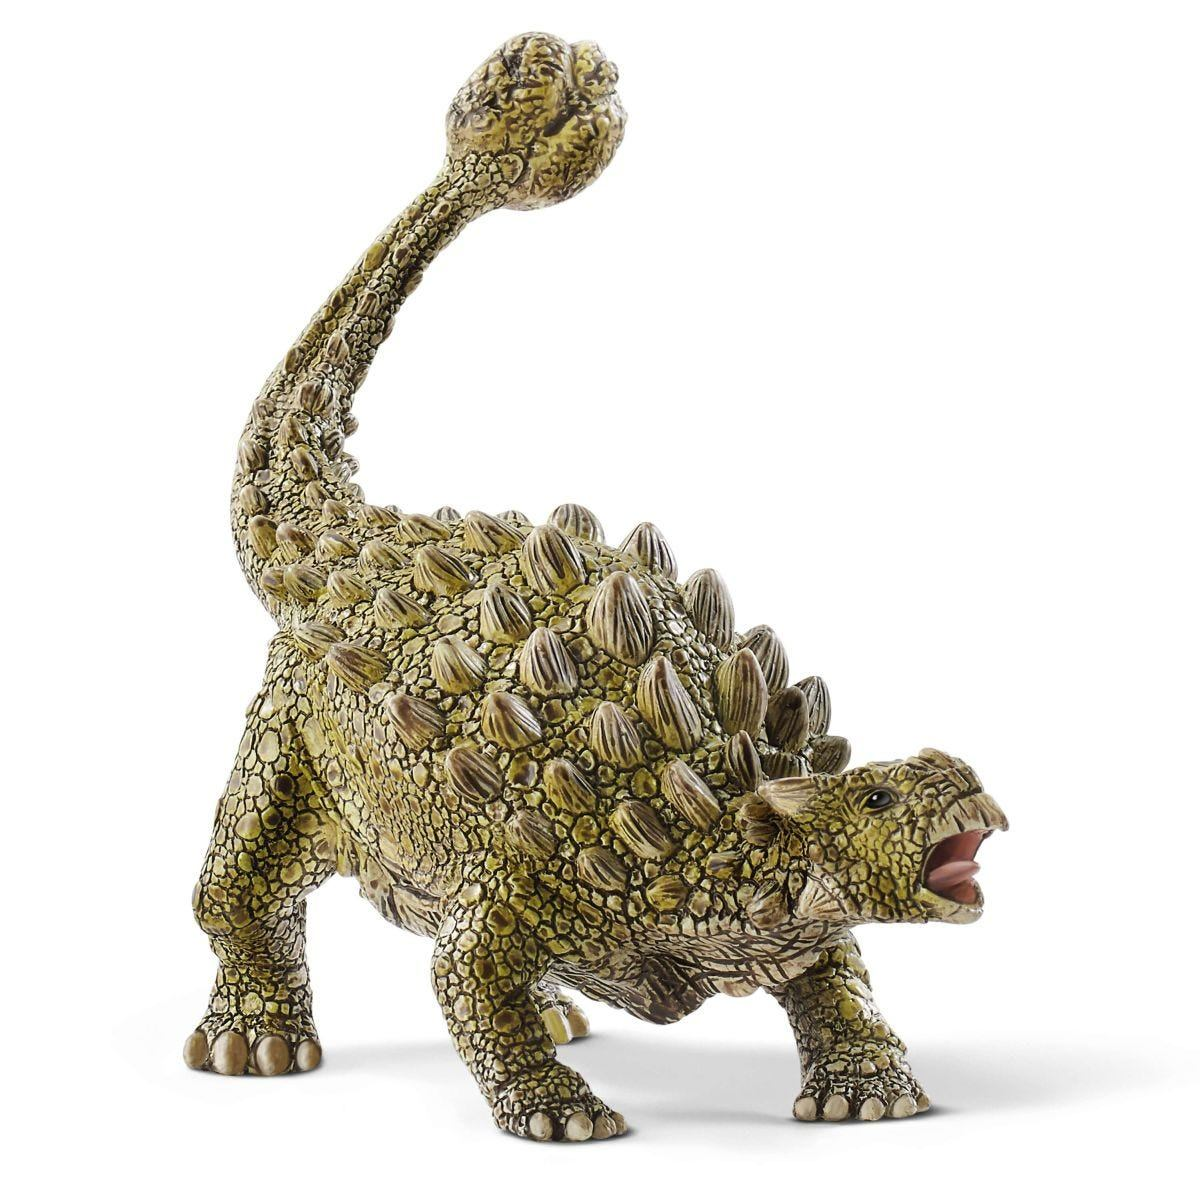 2022026-Schleich-Dinosaurs-Ankylosaurus-SCHLEICH-Dinosaurs-Ankylosaurus-Toy-Fig